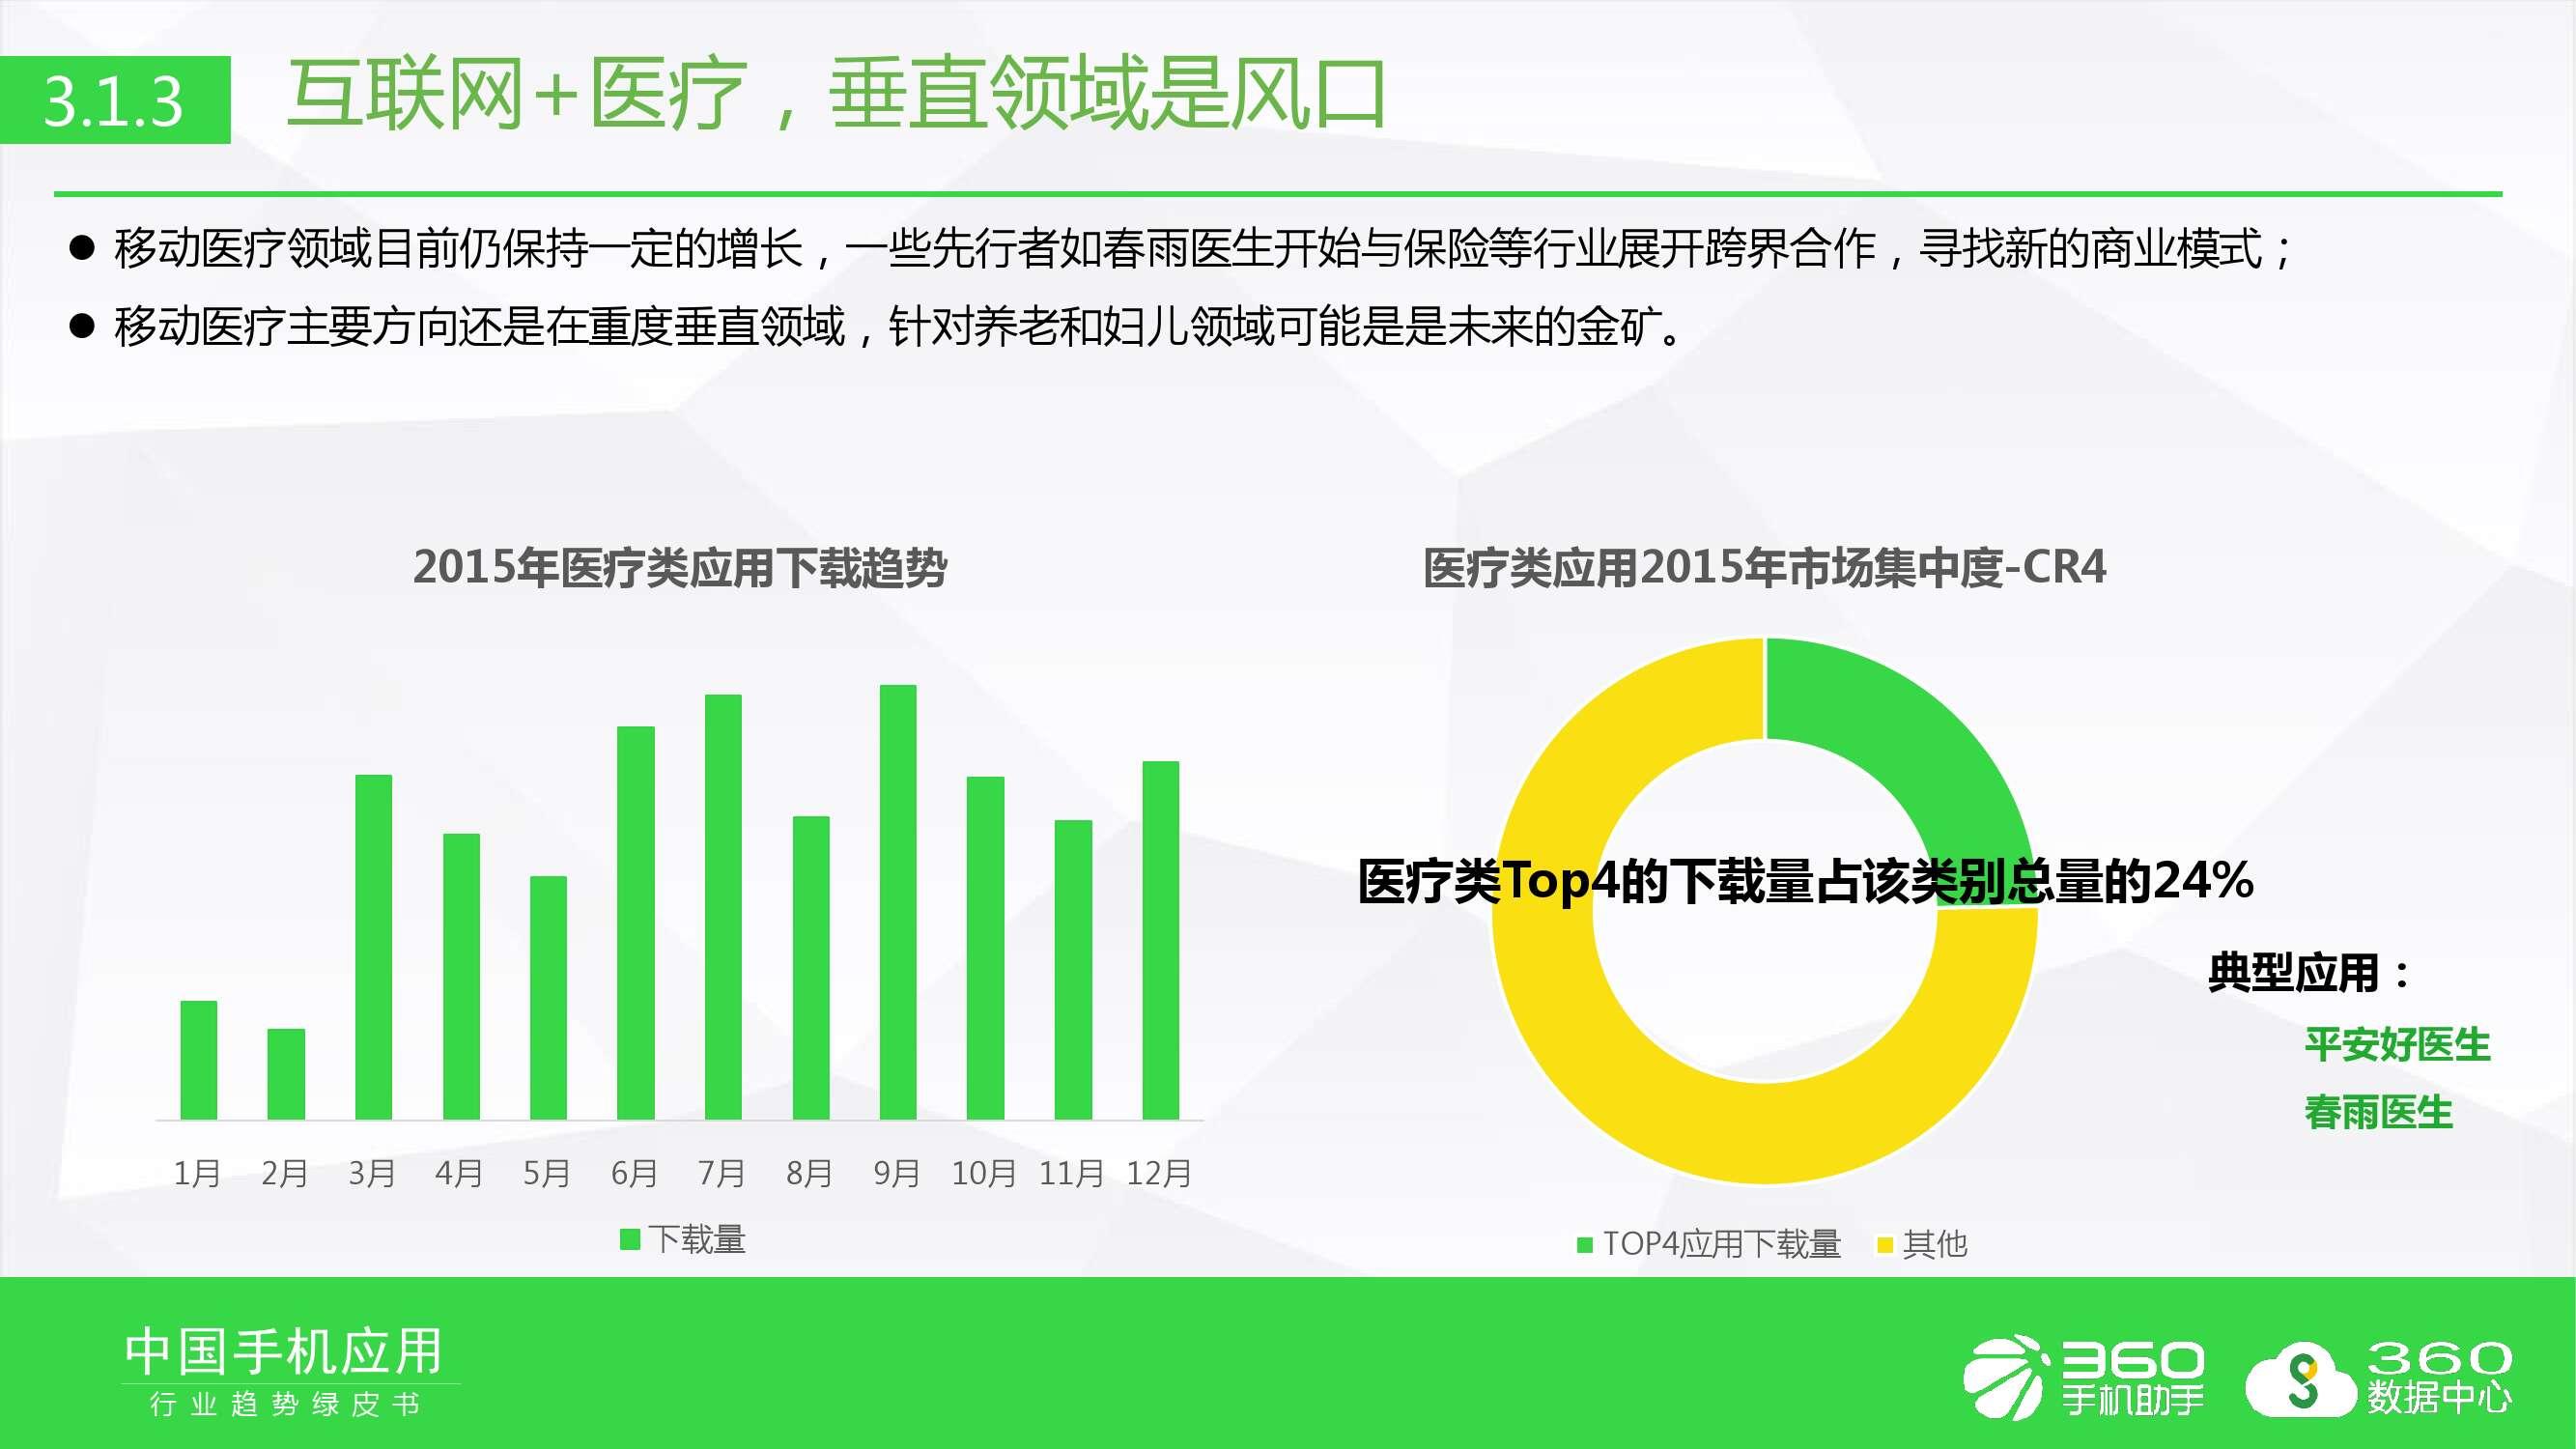 2016年手机软件行业趋势绿皮书_000025